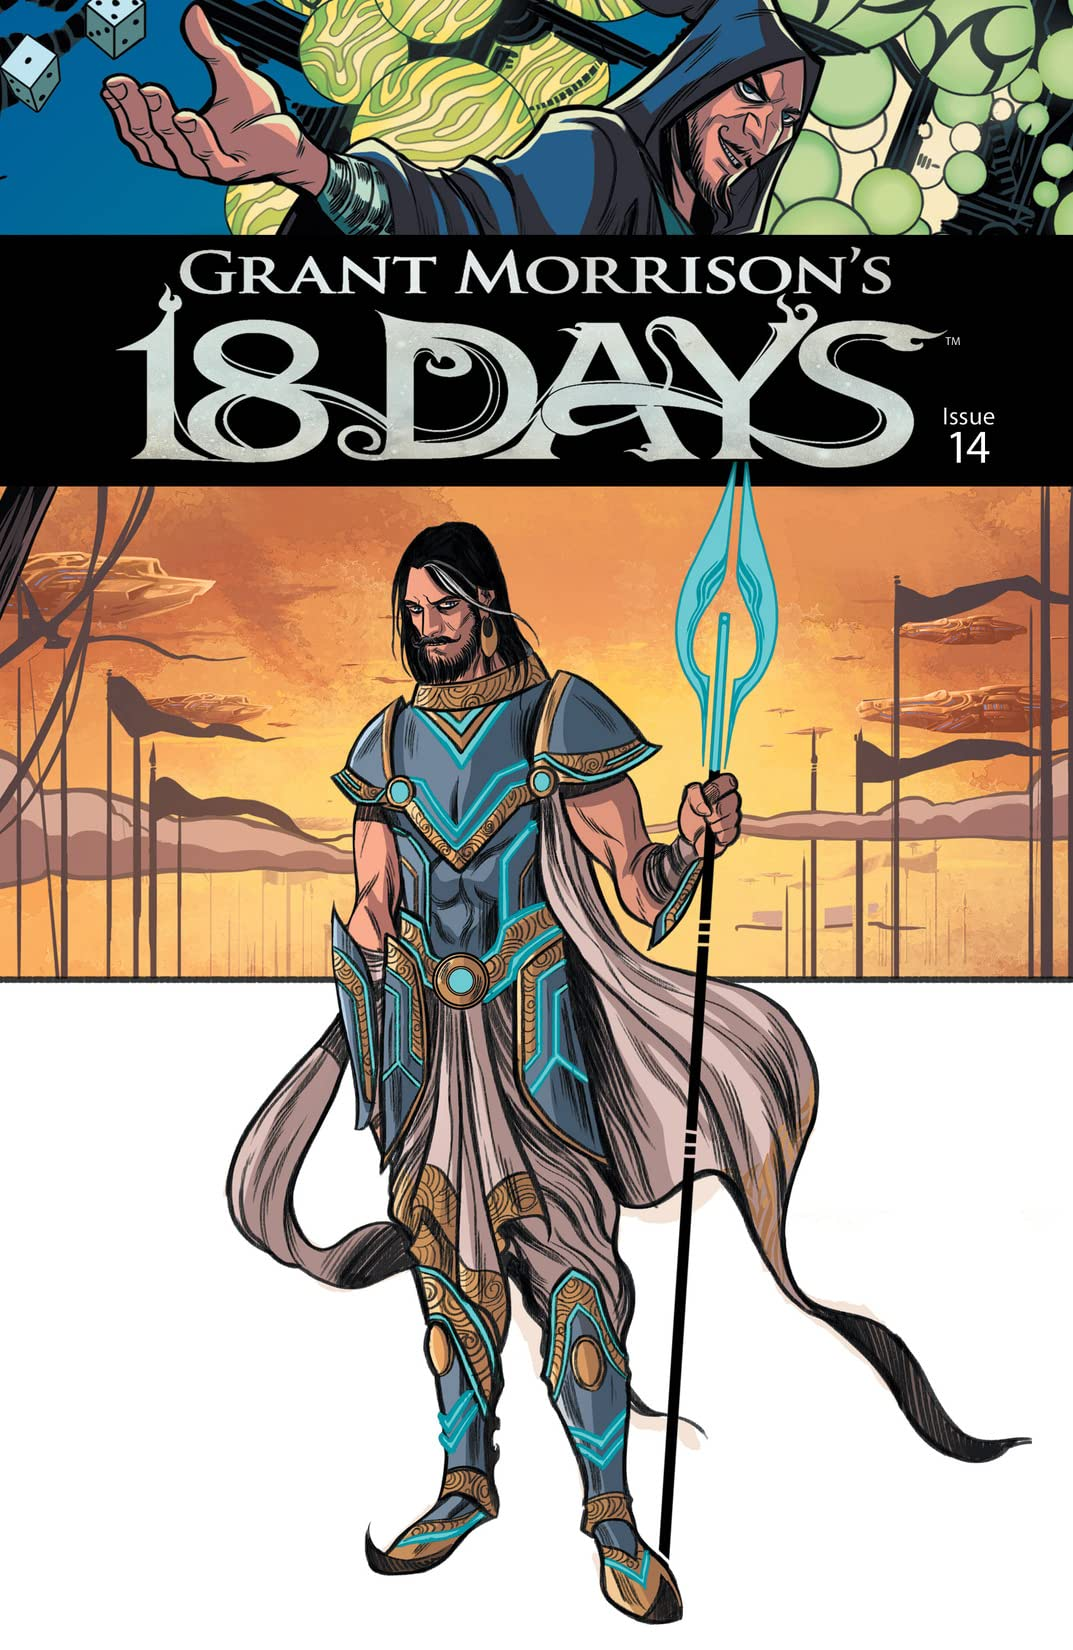 Grant Morrison's 18 Days #14